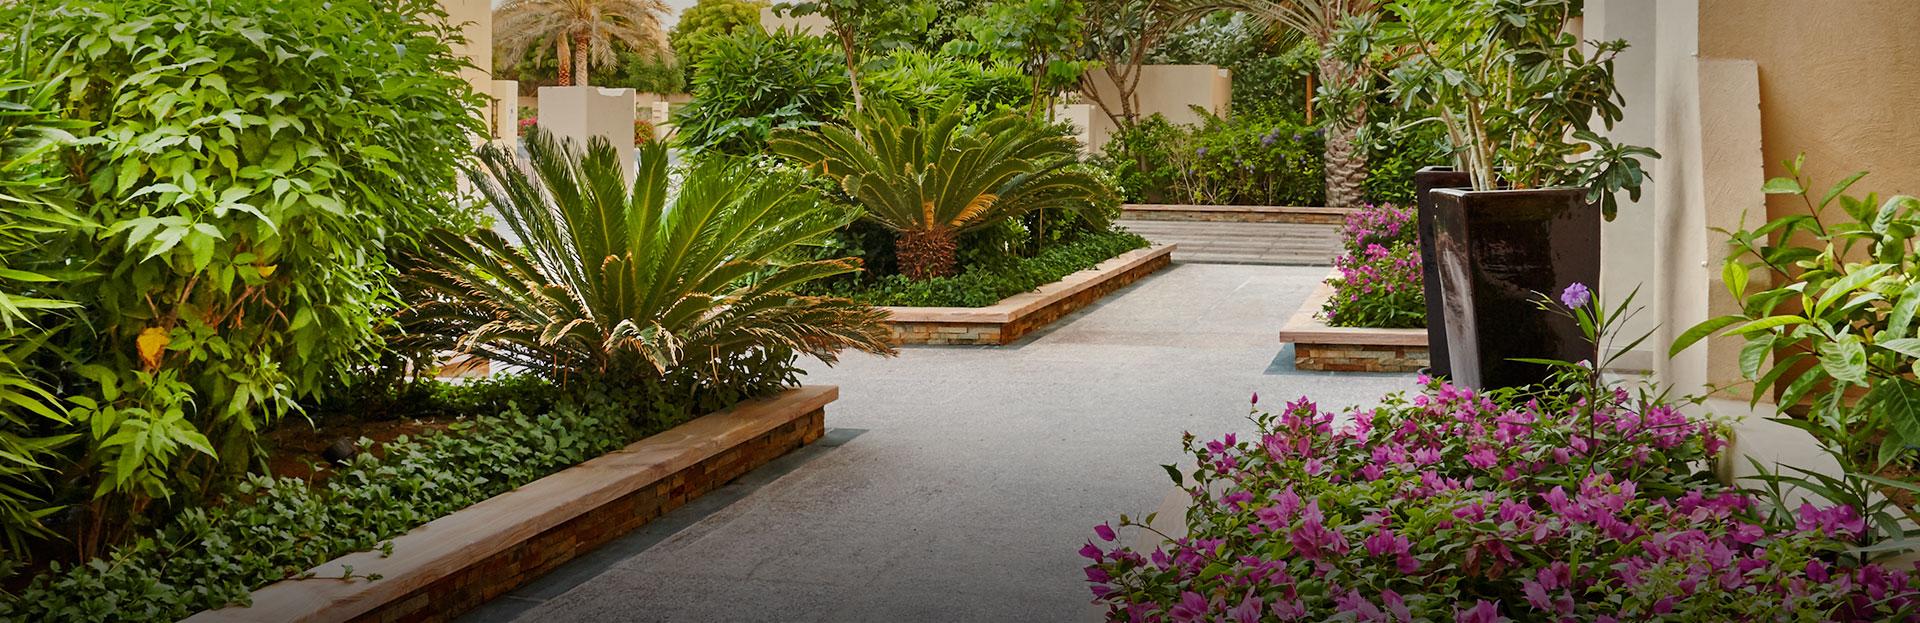 Garden Design Dubai